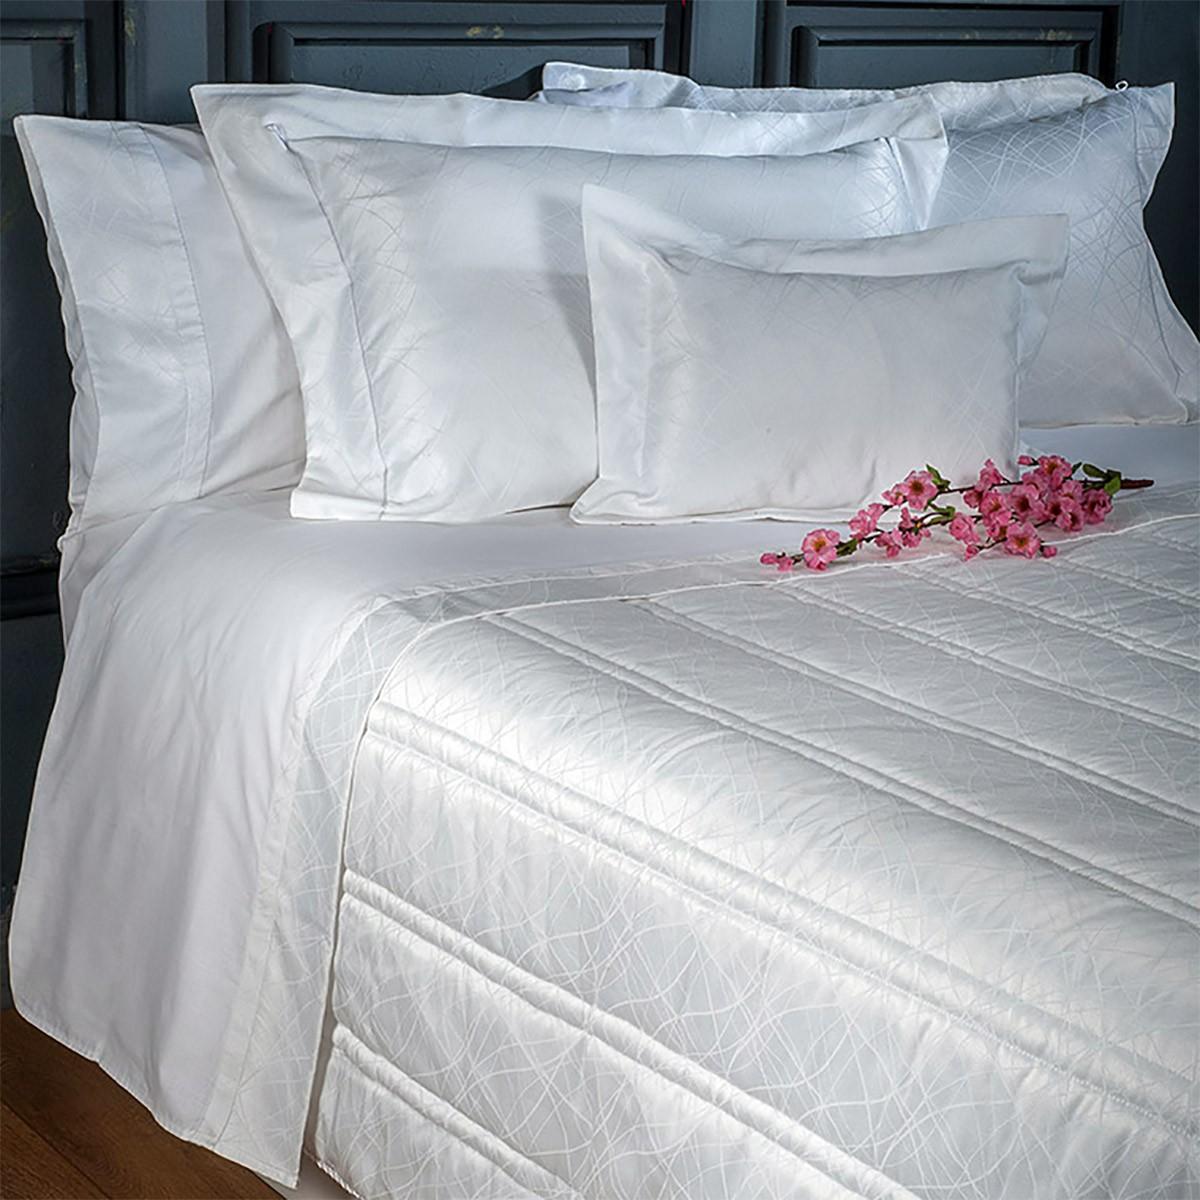 Νυφικά Σεντόνια (Σετ) Omega Home Des 111 home   μόδα γάμου   σεντόνια νυφικά